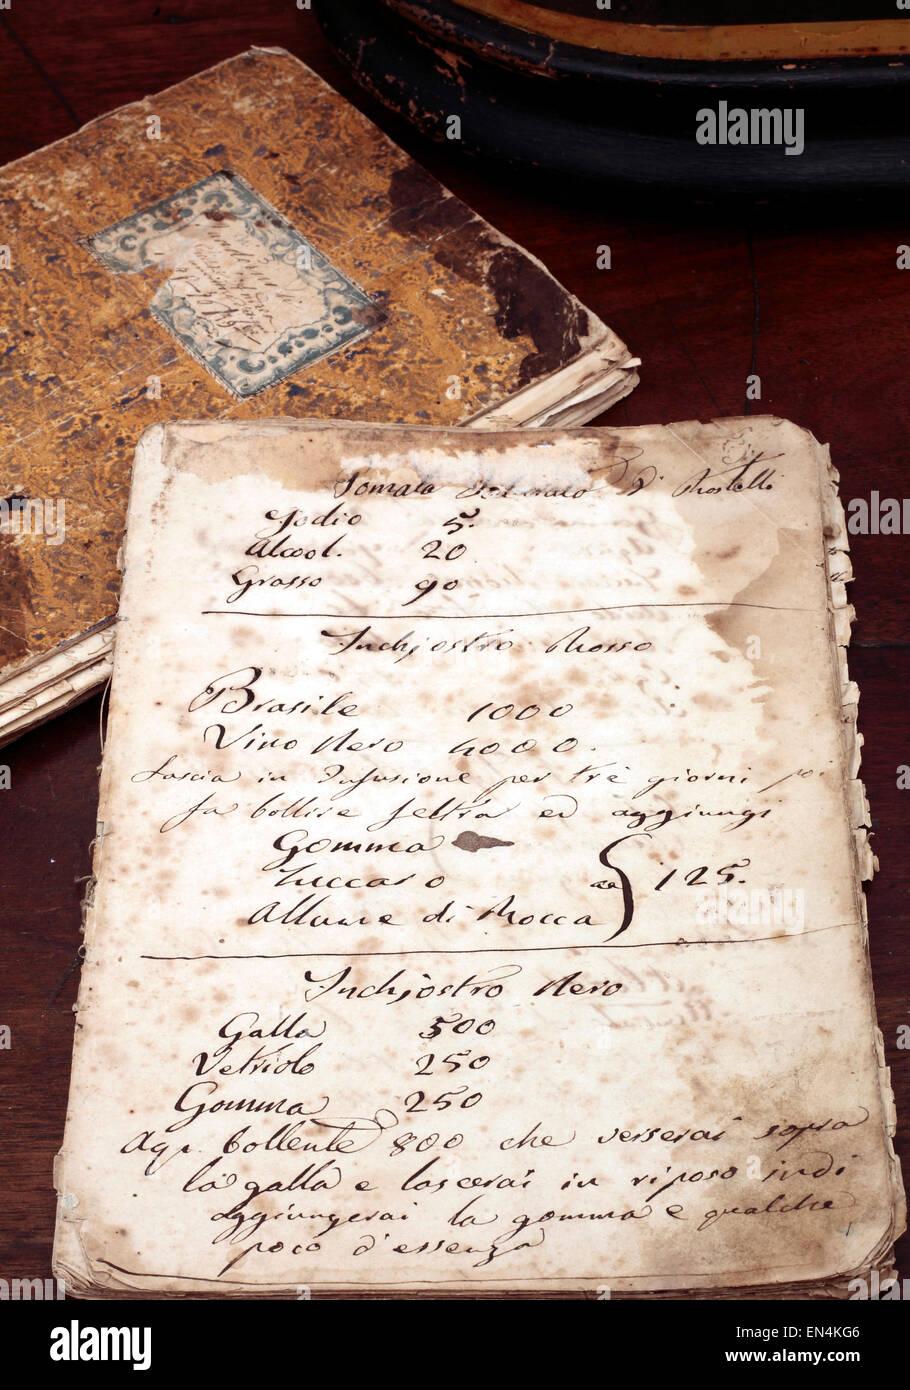 italienischen alte Kochrezepte handschriftlich Stockbild